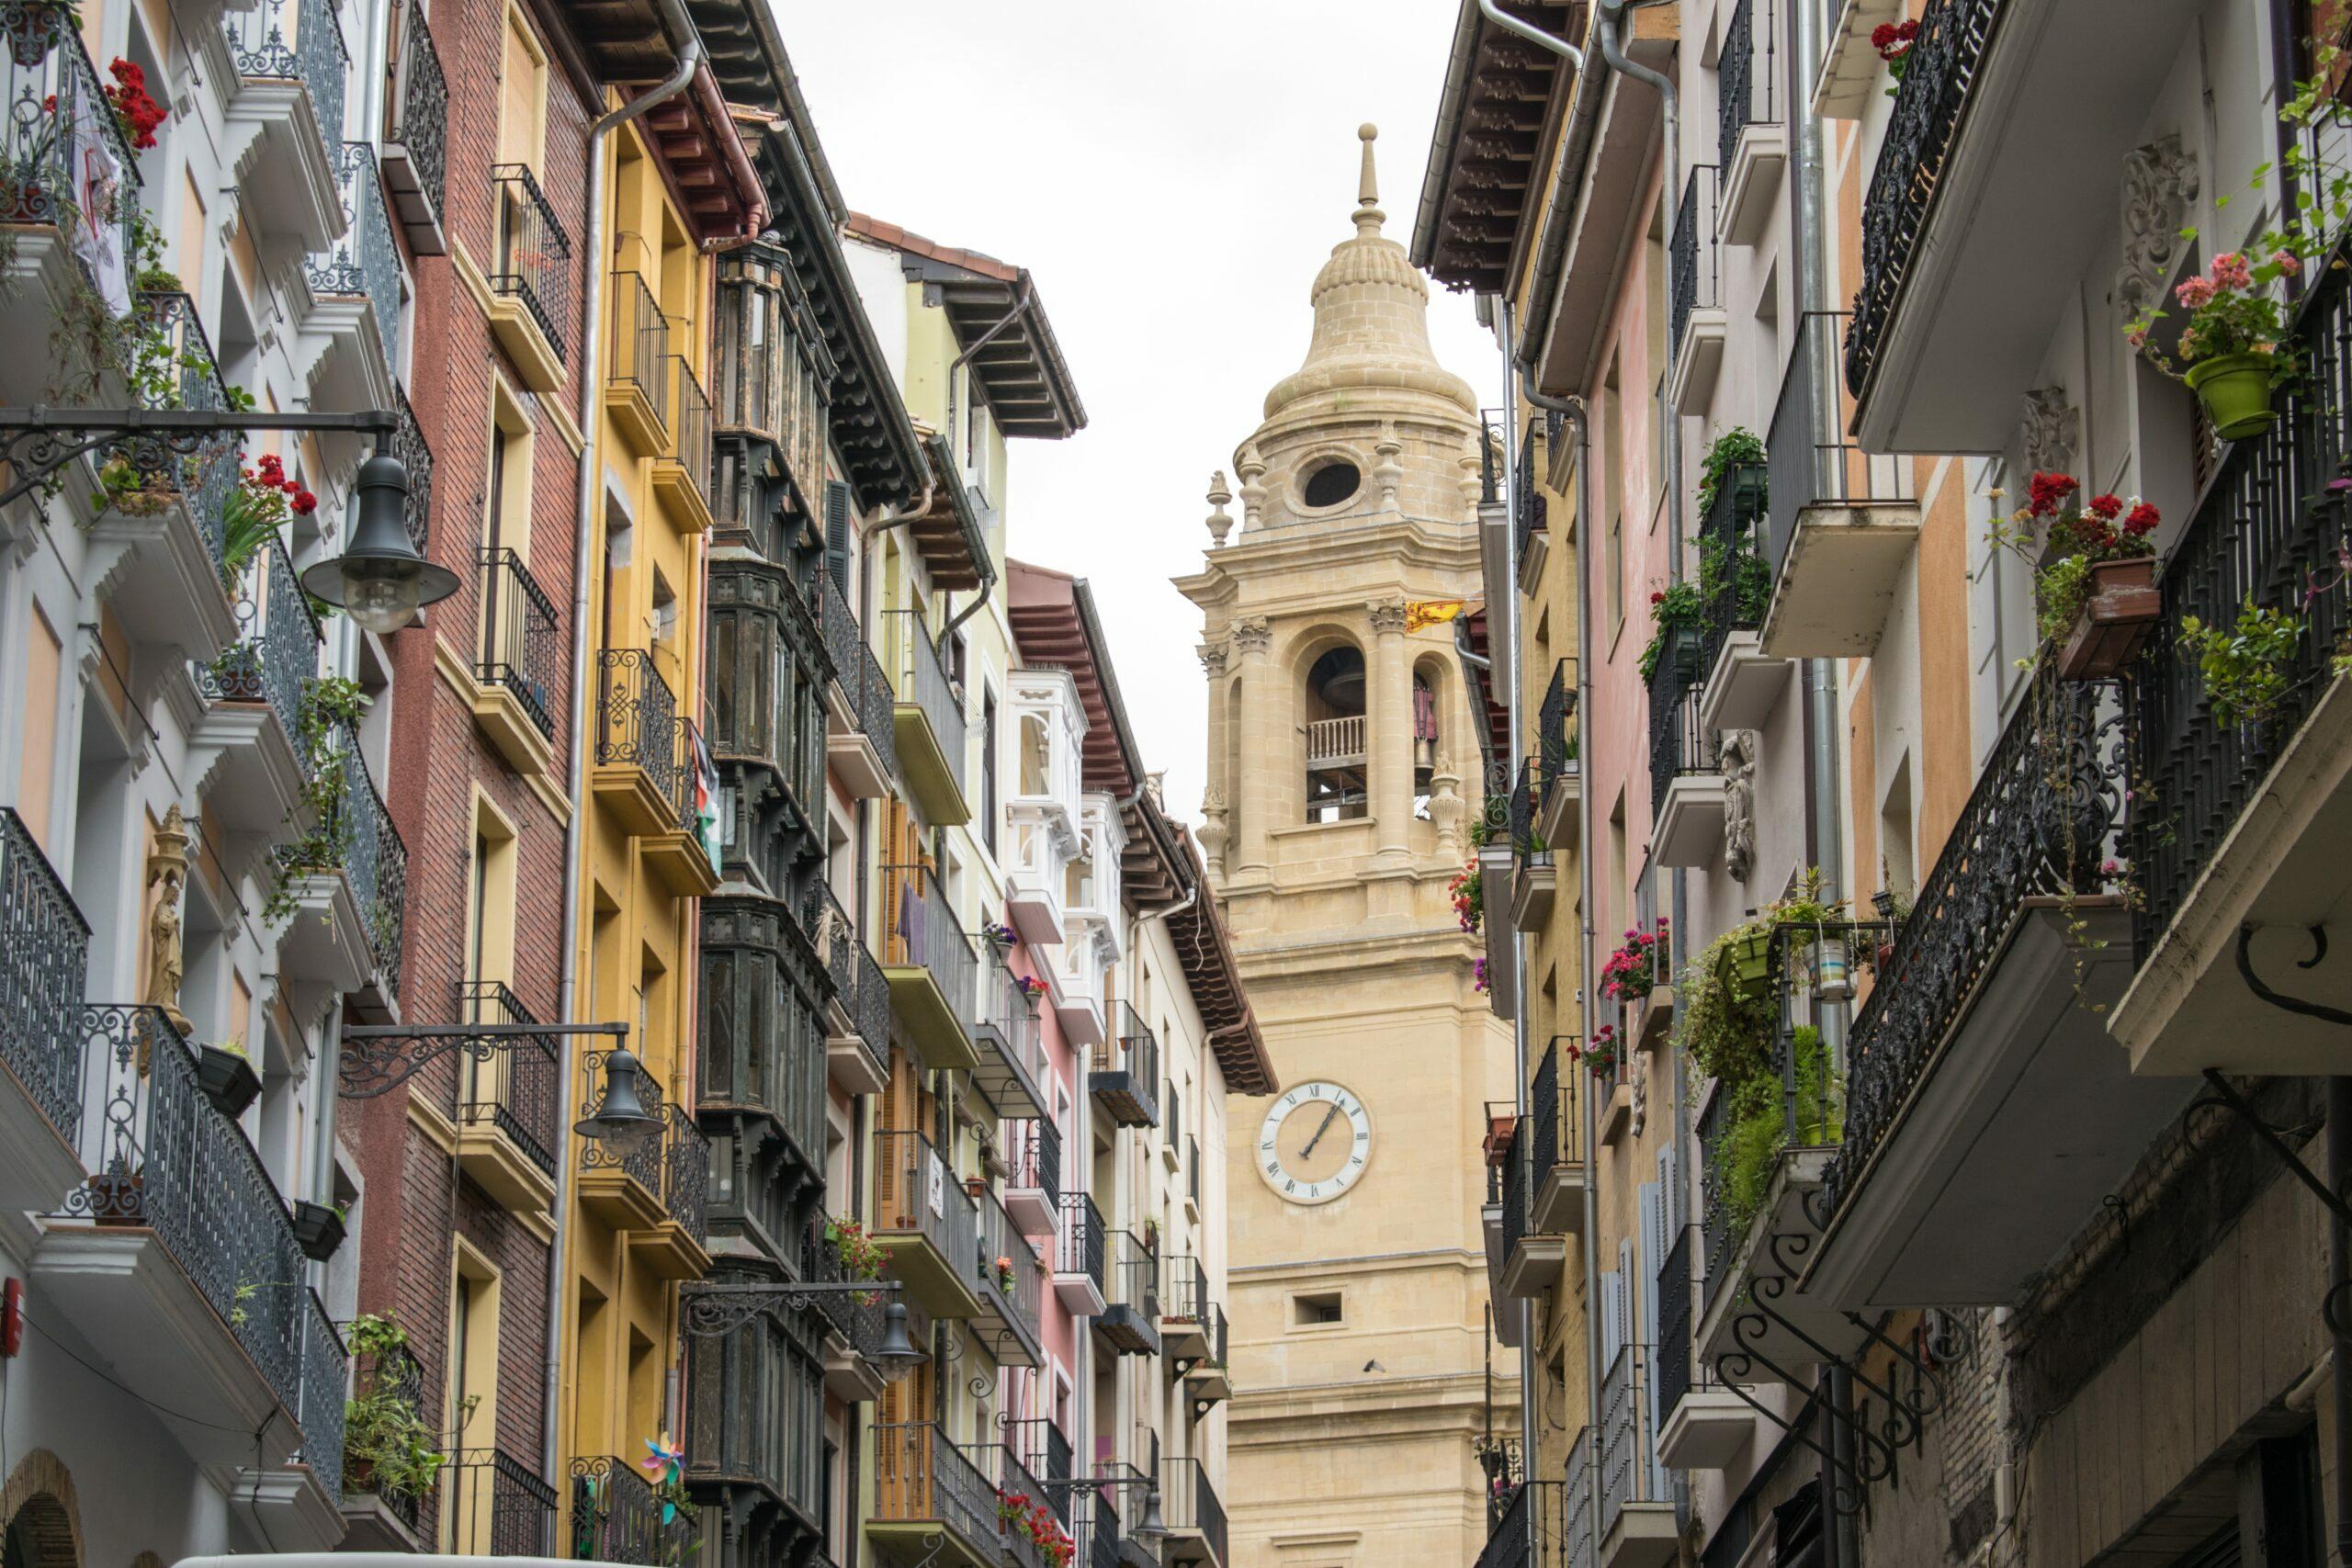 torre-catedral-de-pamplona